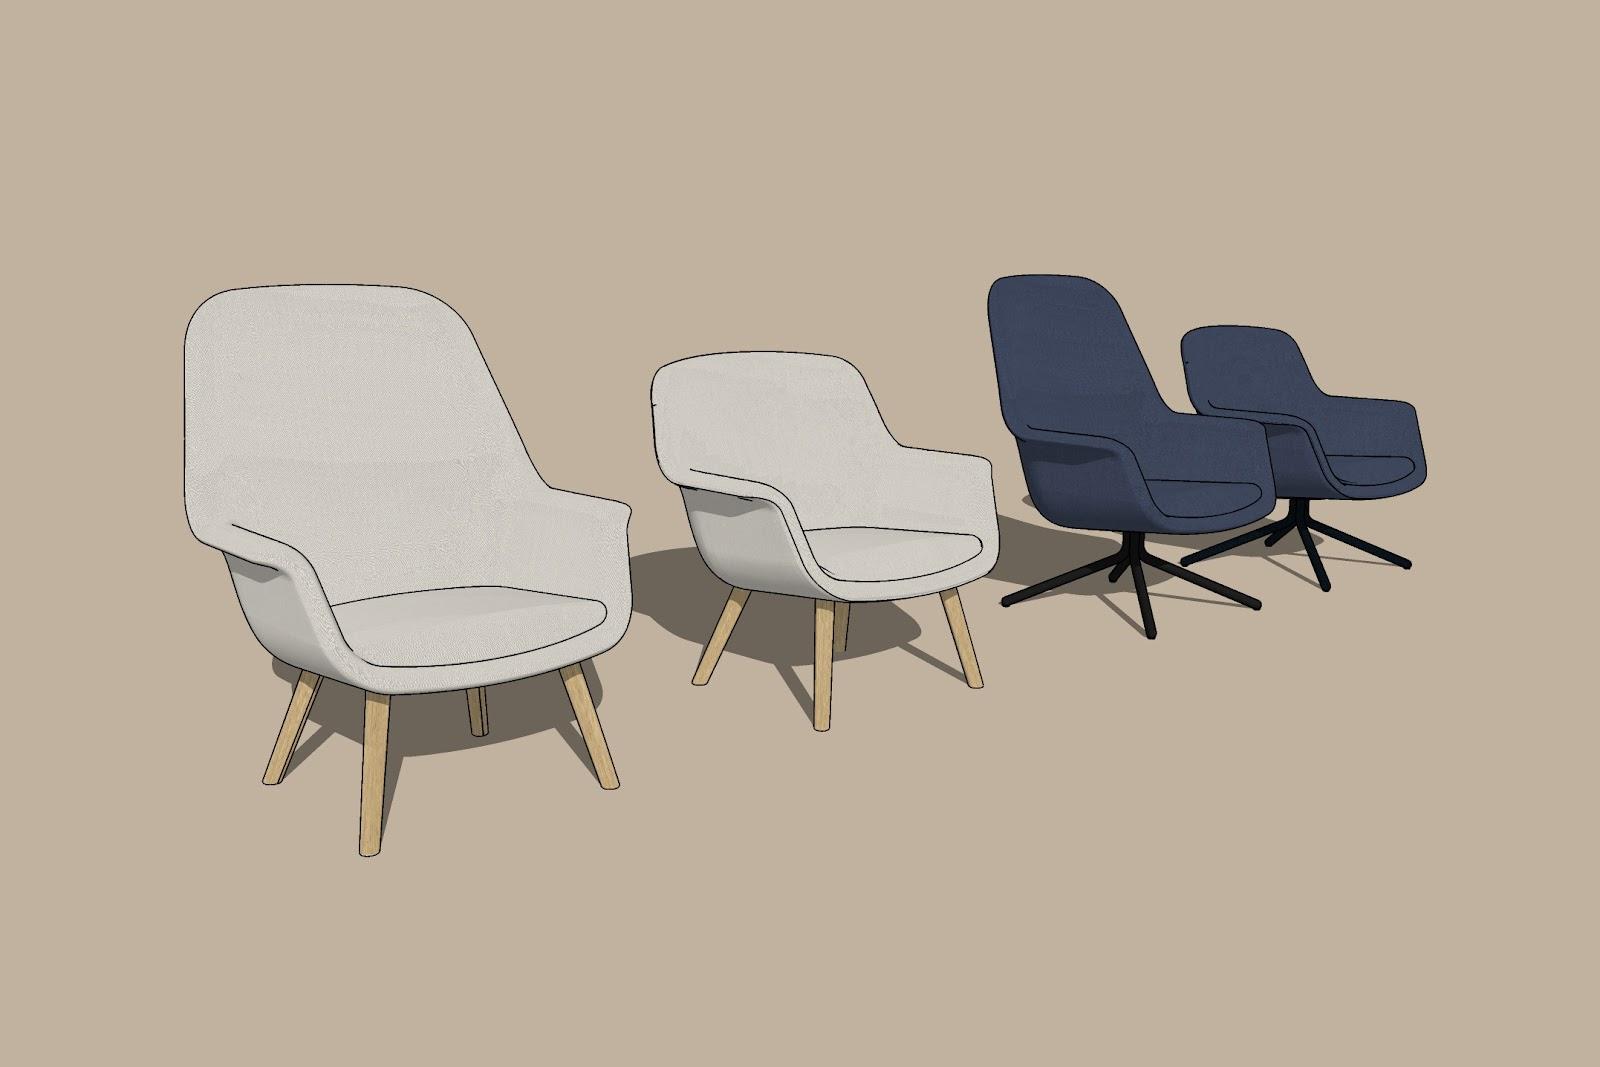 Çalışma Alanları İçin Mobilya Tasarımı: Danimarka Tarzı 10